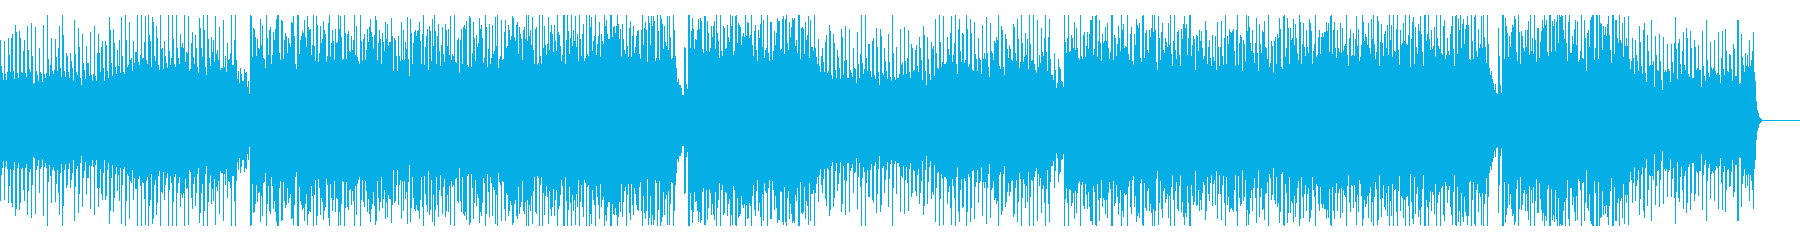 明るくアコースティックポップの再生済みの波形